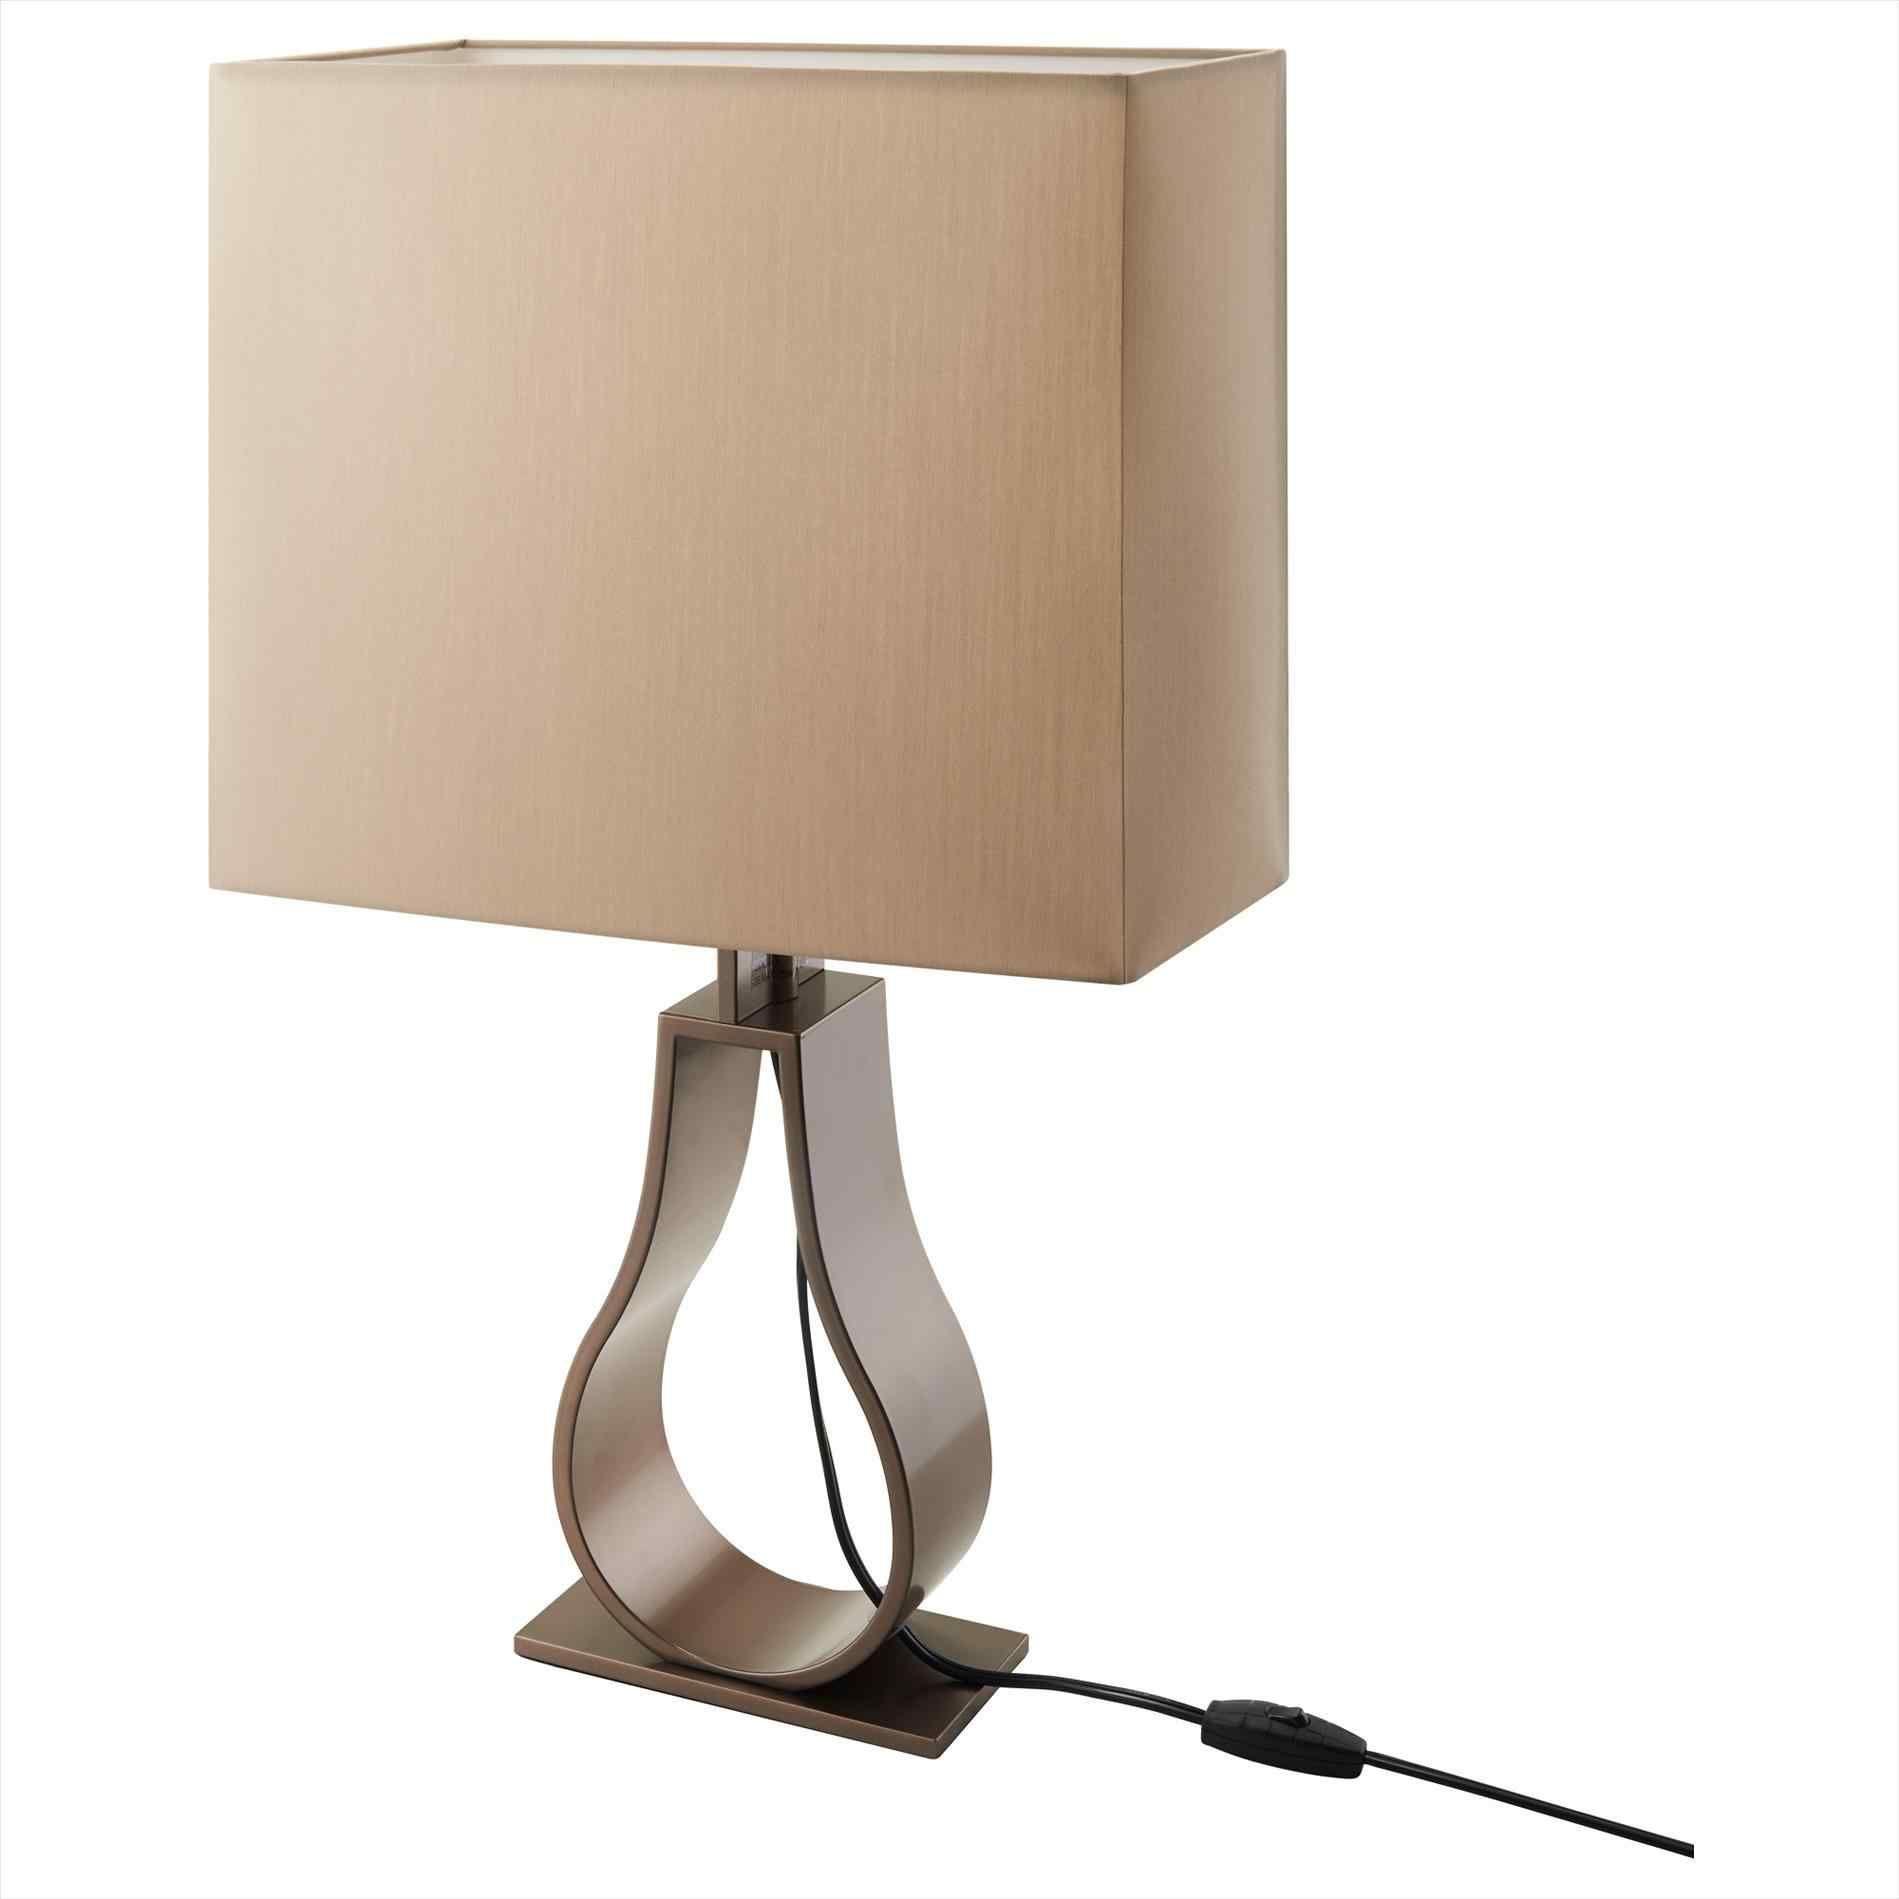 Full Size of Wohnzimmer Lampe Stehend Led Klein Ikea Holz Stehleuchte Indirekte Beleuchtung Deckenlampe Küche Stehlampe Deckenlampen Wandlampe Bad Hängeleuchte Rollo Wohnzimmer Wohnzimmer Lampe Stehend